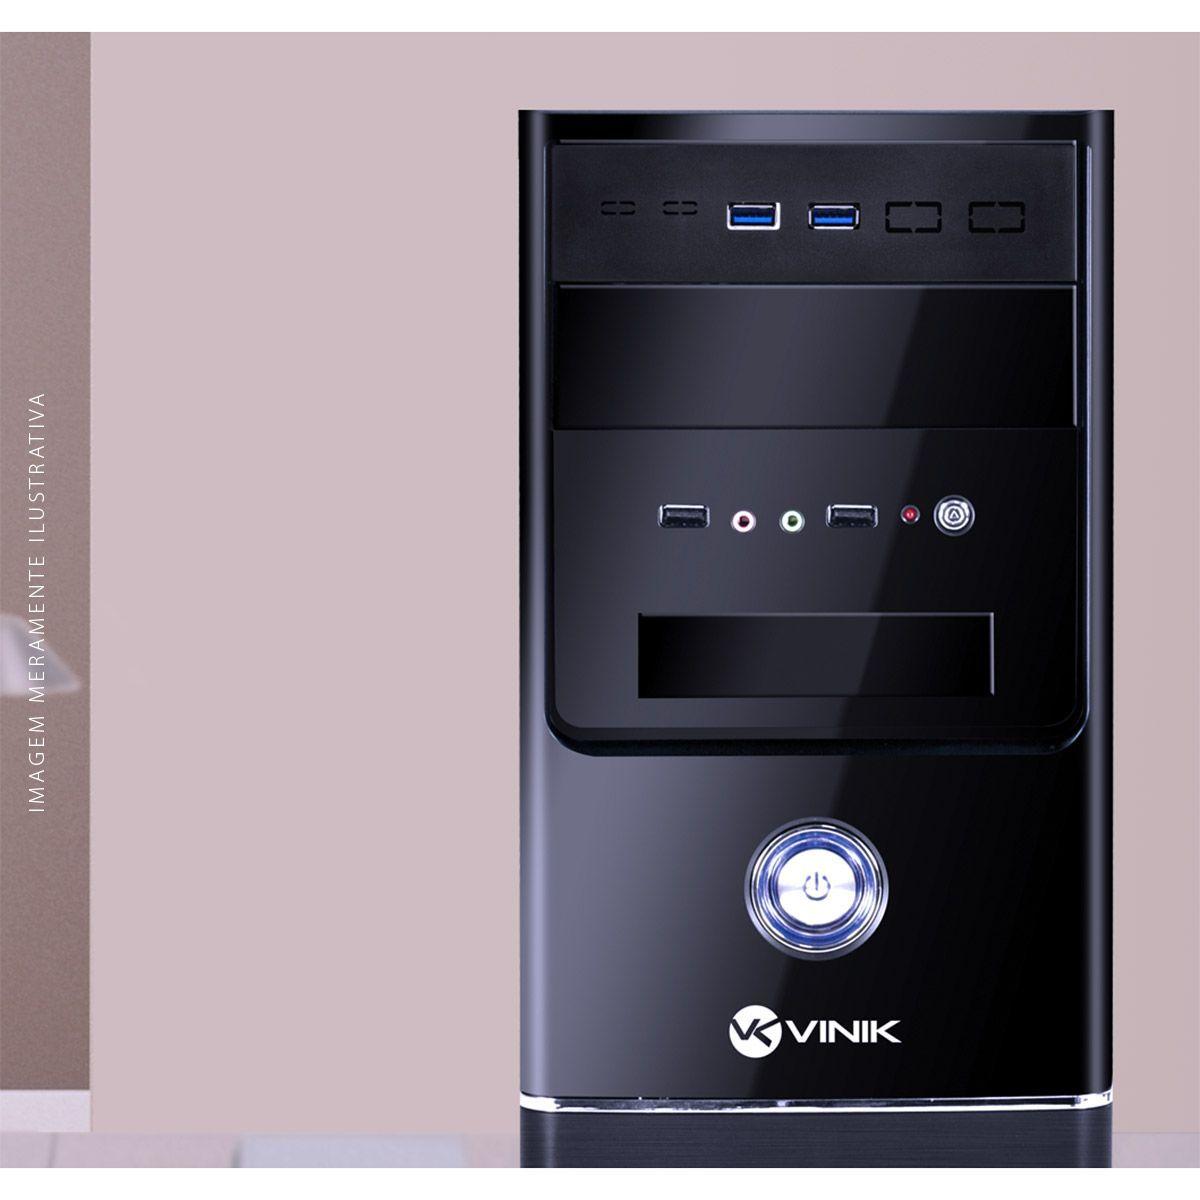 """PLACA USB PARA BAIA 5.25"""" COM 2 USB 3.0 + CABOS - P2U-525 vinik"""